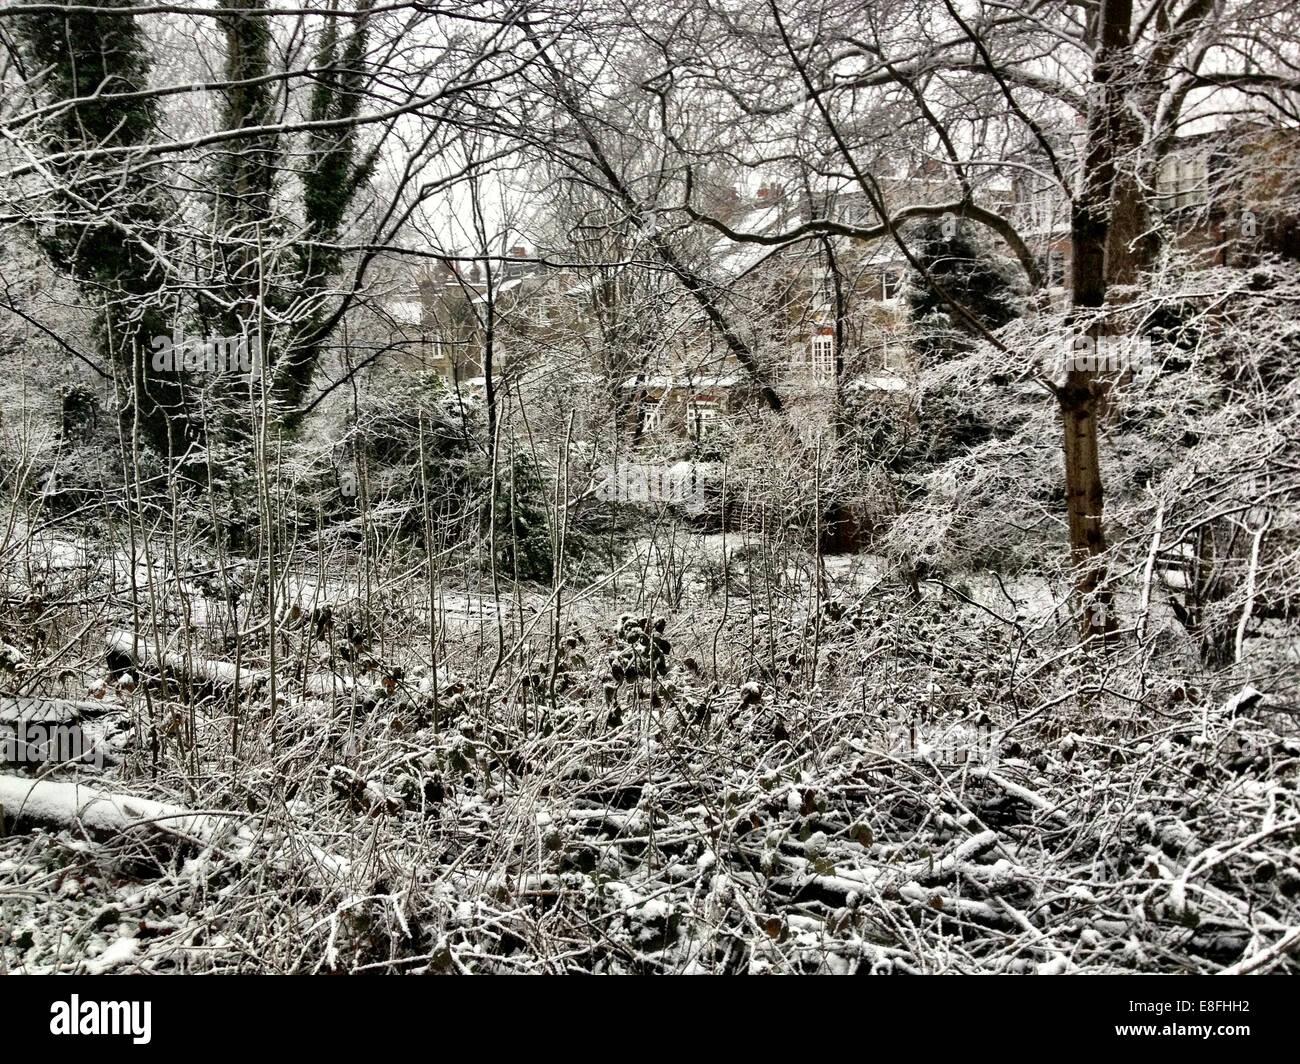 UK, London, London Borough of Haringey, Highgate Village, Urban winter scene with houses - Stock Image